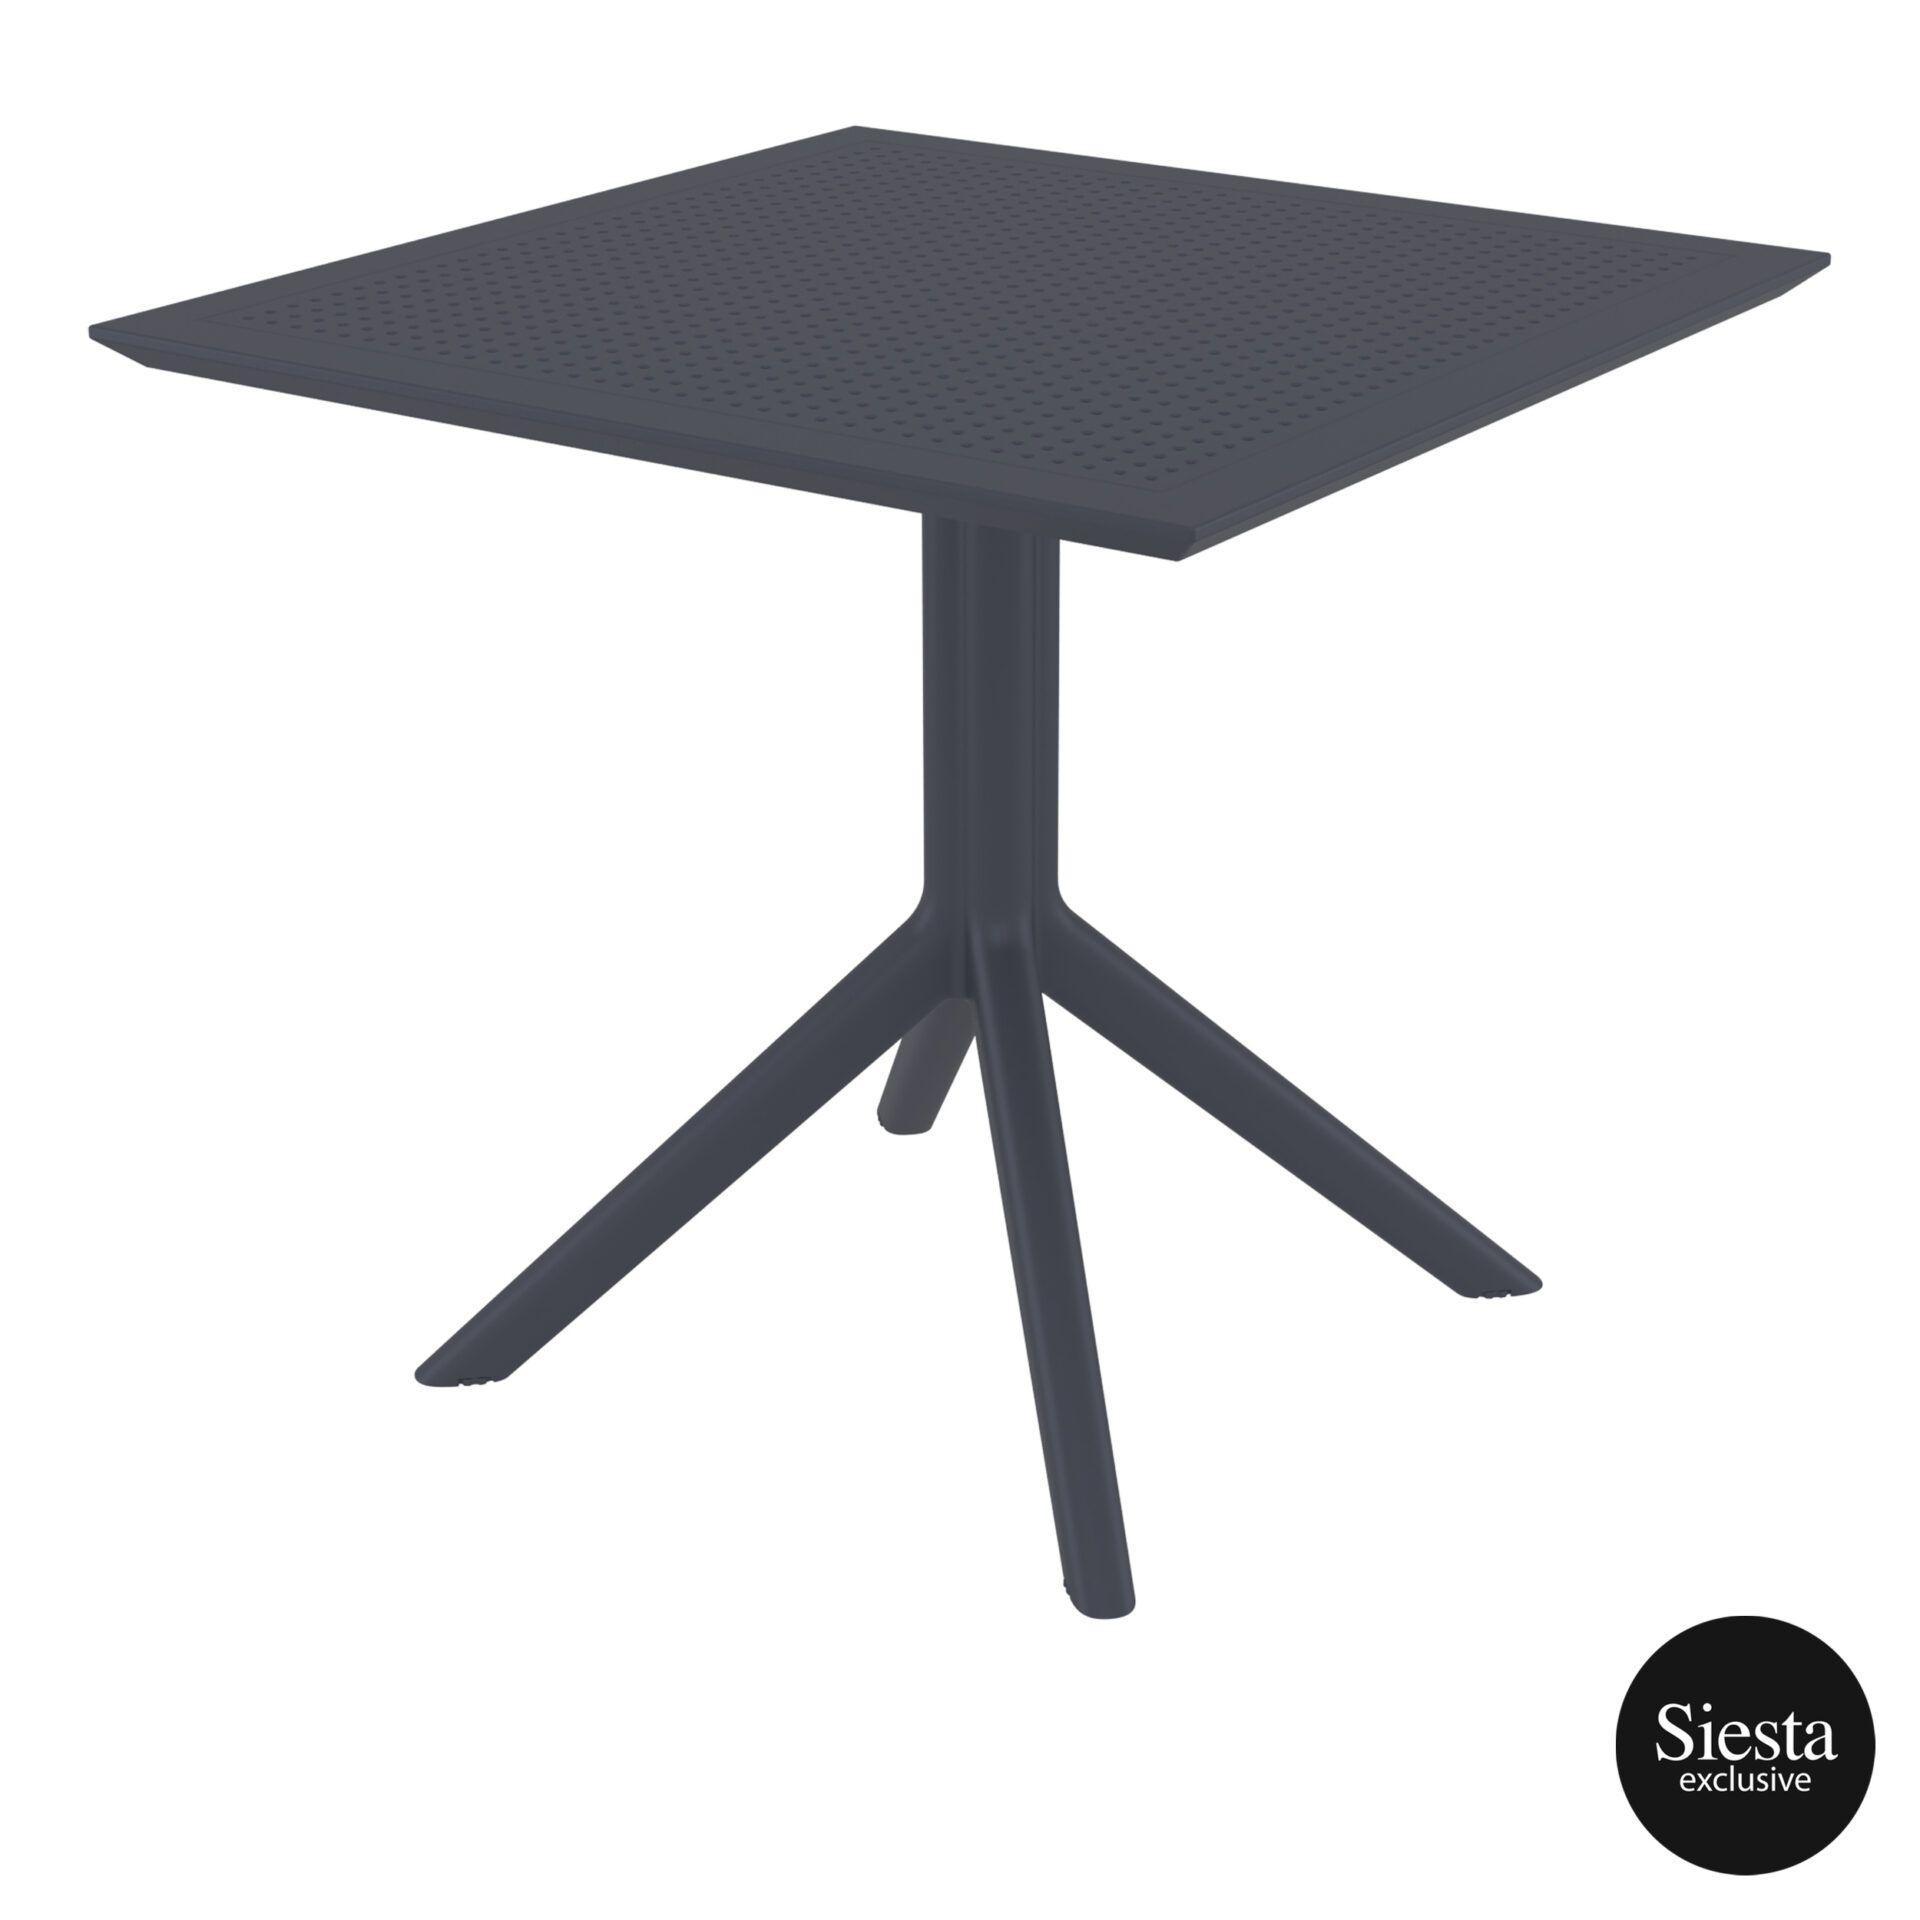 polypropylene outdoor cafe sky table 80 darkgrey front side 2